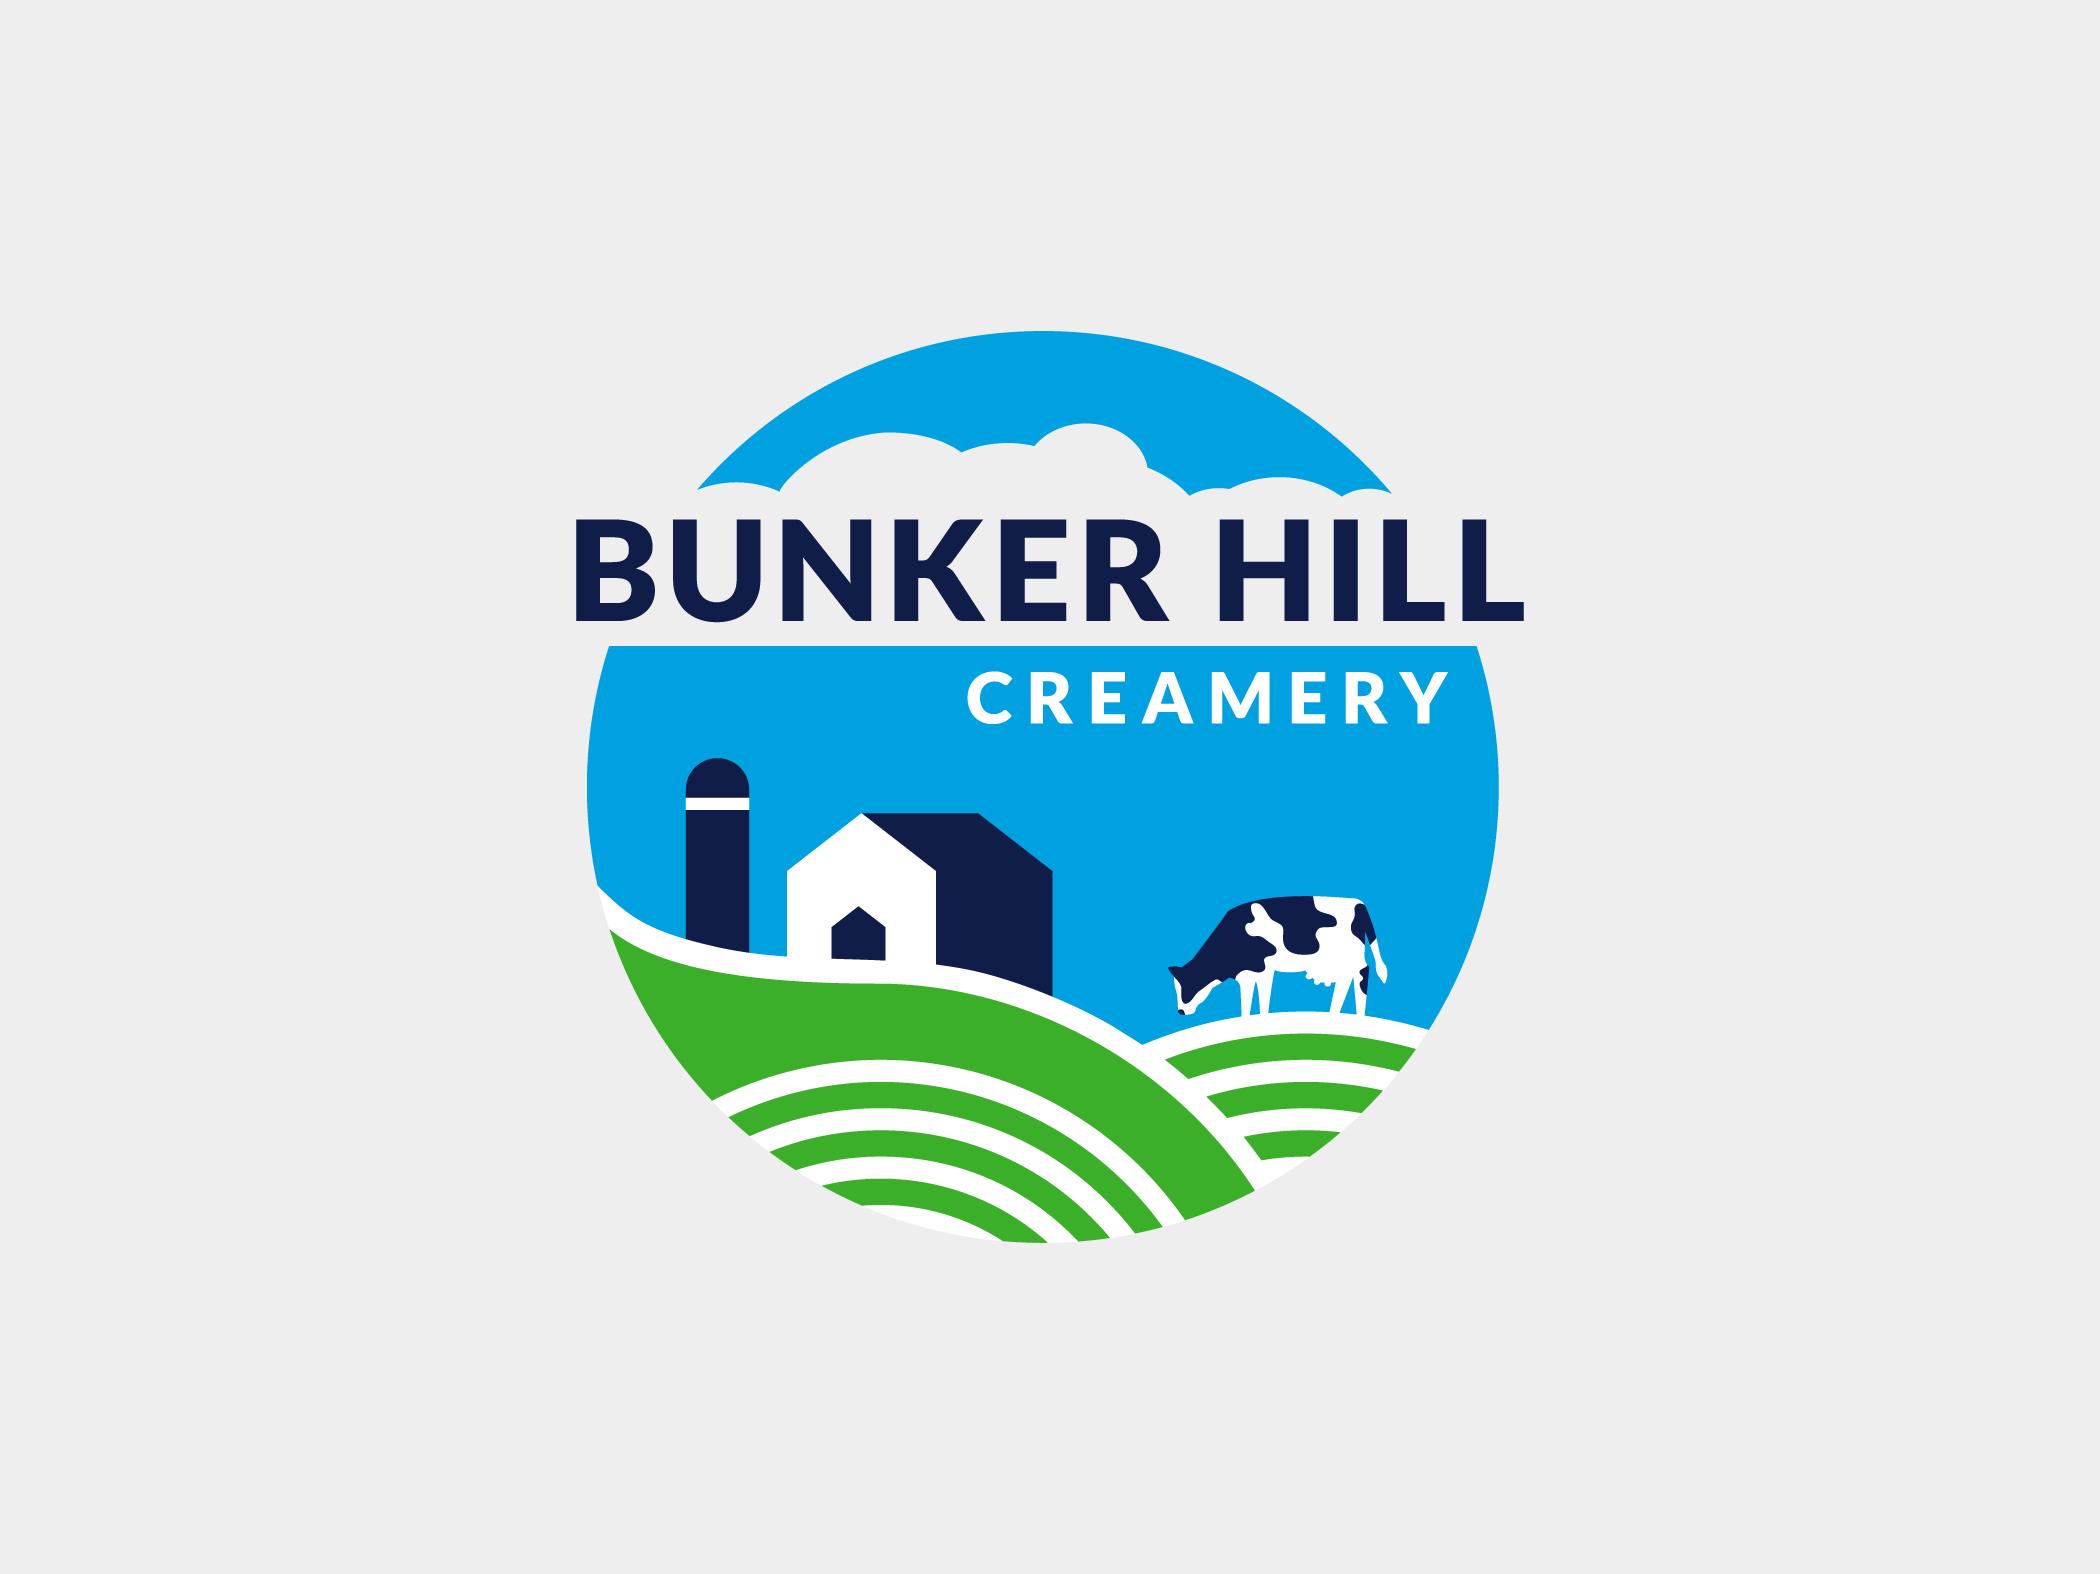 bunker hill creamery logo